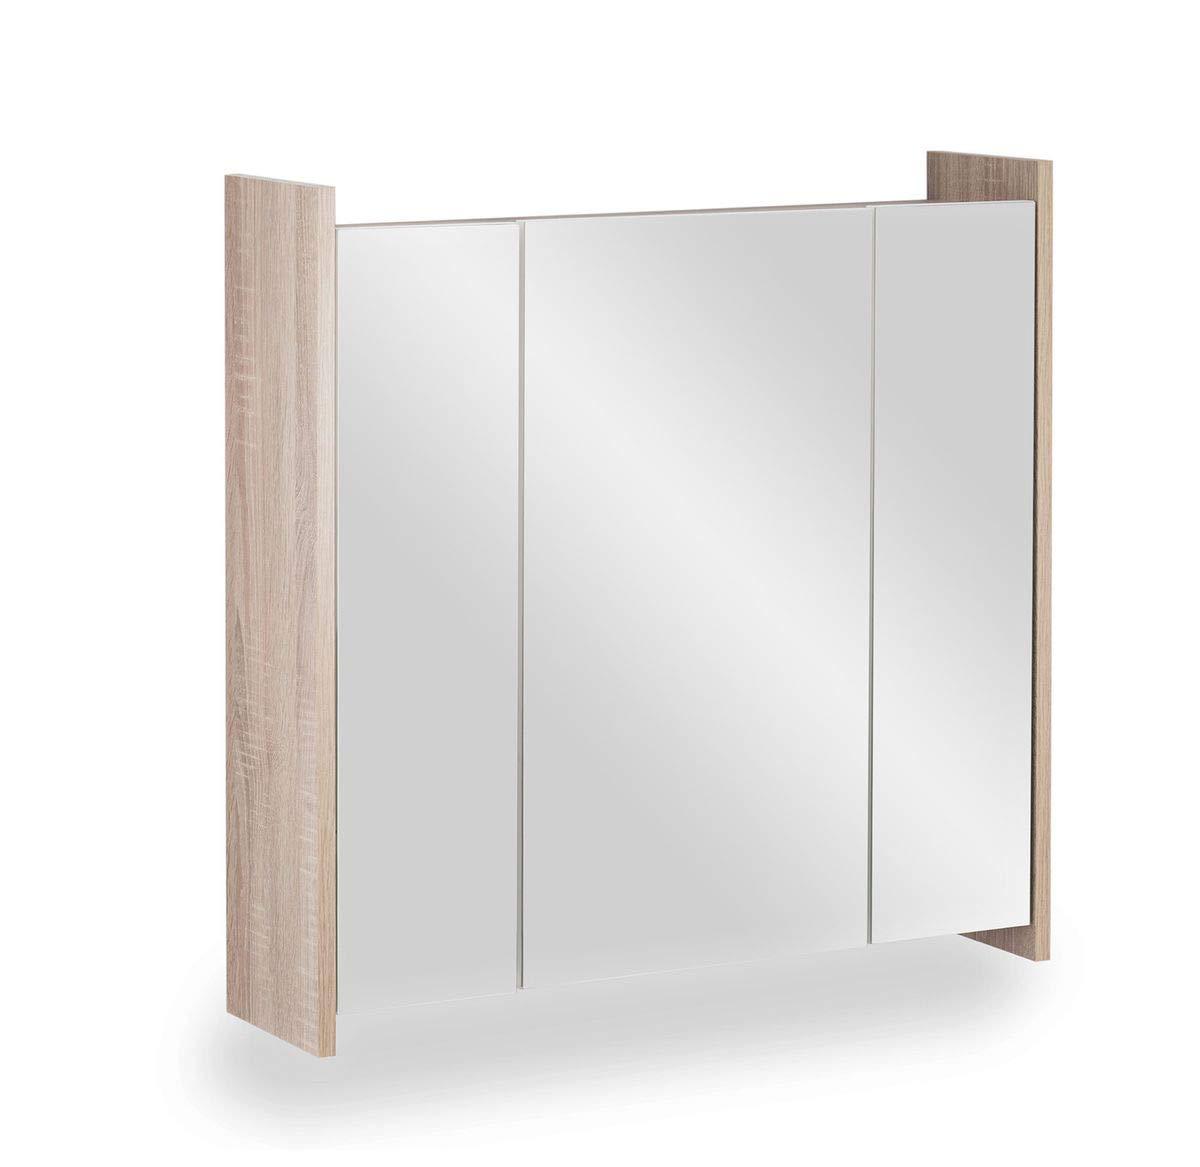 Galdem Badmöbel-Set Spiegelschrank FROSTI mit mit mit Waschbeckenunterschrank Madison Badezimmer Badschrank Unterschrank Sonoma Oak b45ded